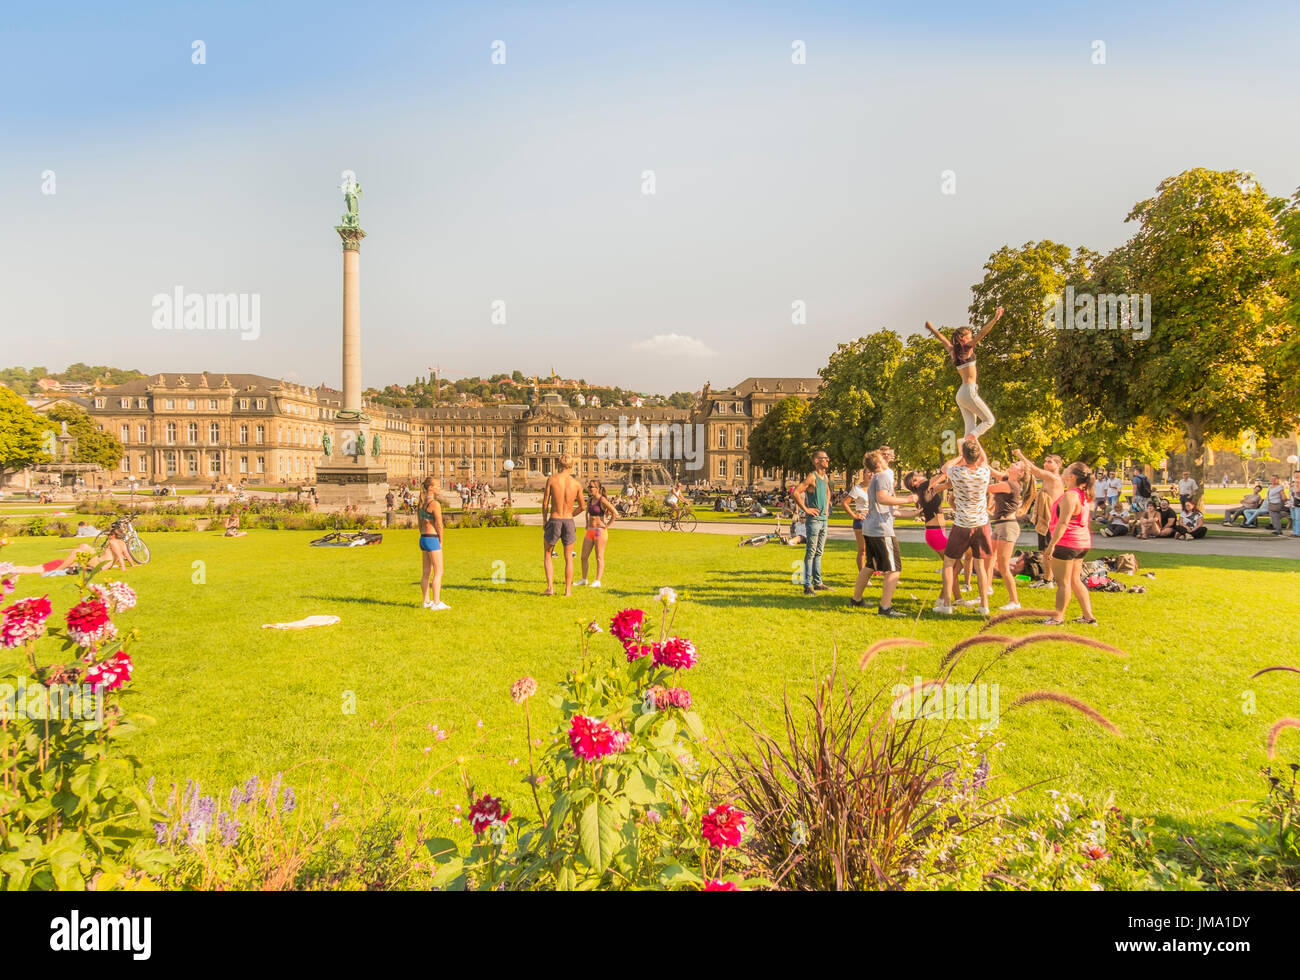 Gruppe von Jugendlichen Turnen im Garten vor dem neuen Schloss (Neues Schloss), Stuttgart, Baden-Württemberg, Deutschland Stockbild